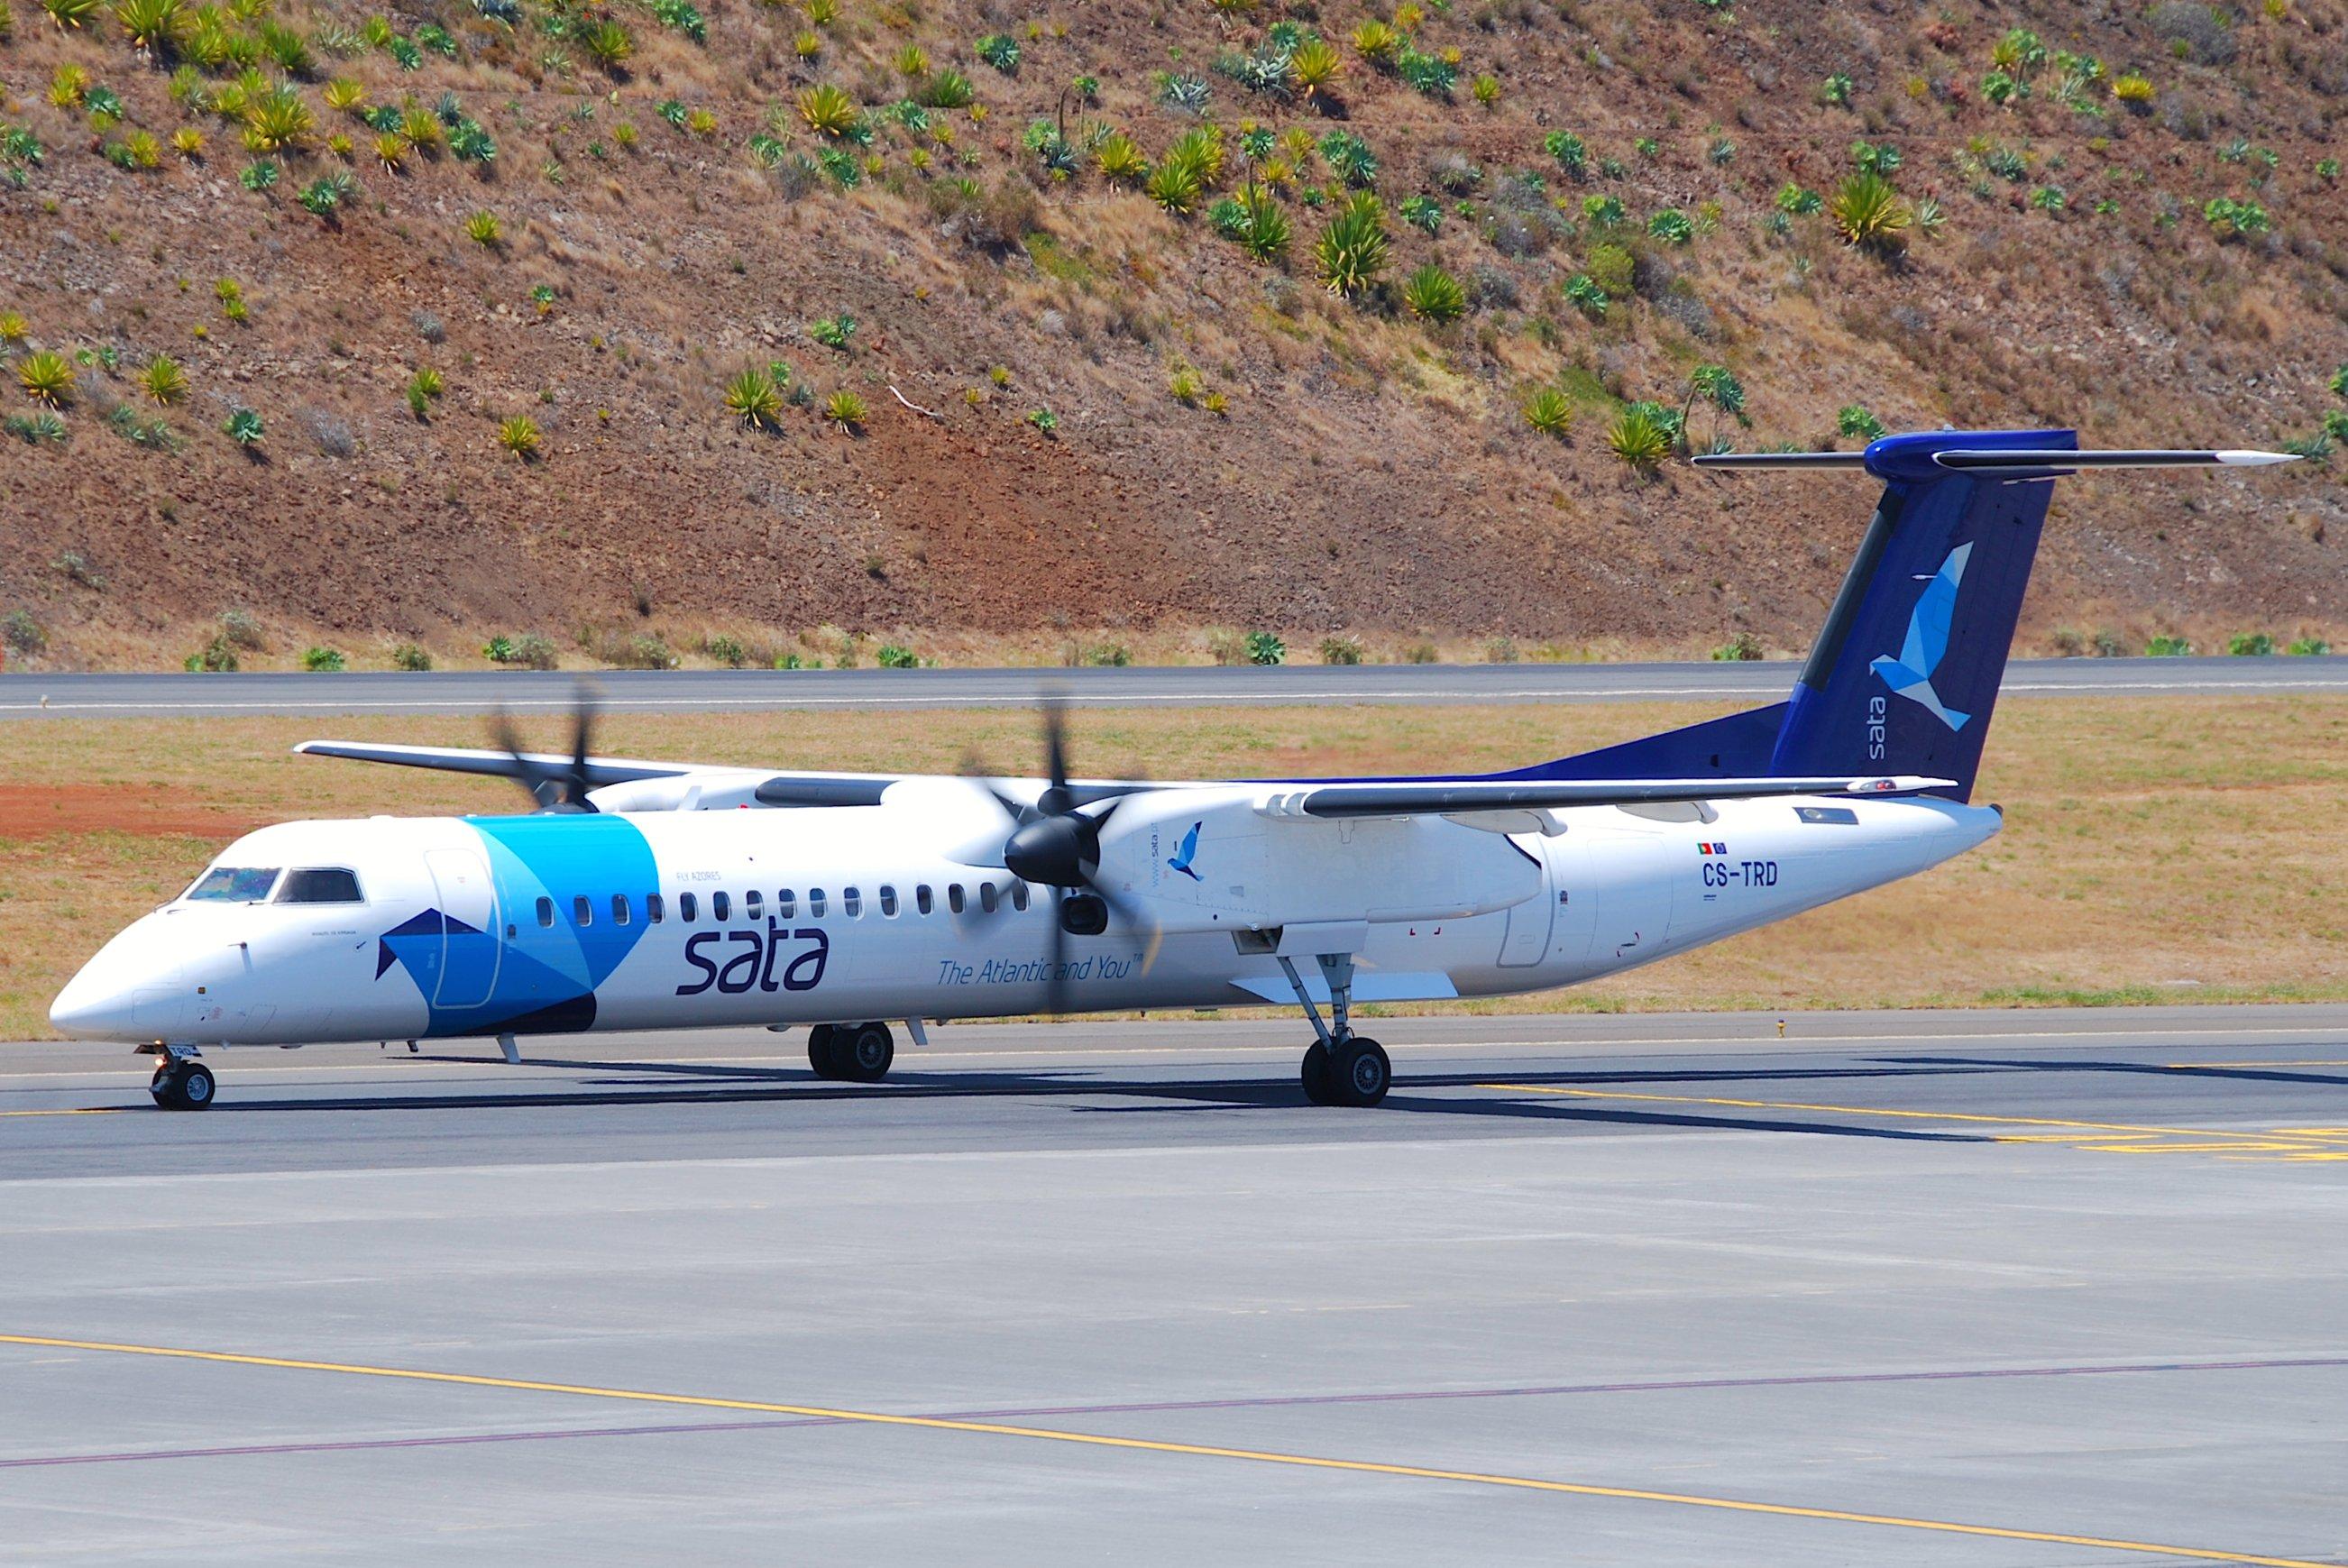 Compagnie aérienne SATA Air Akores (SATA Air Açores). Sayt.2 officiel